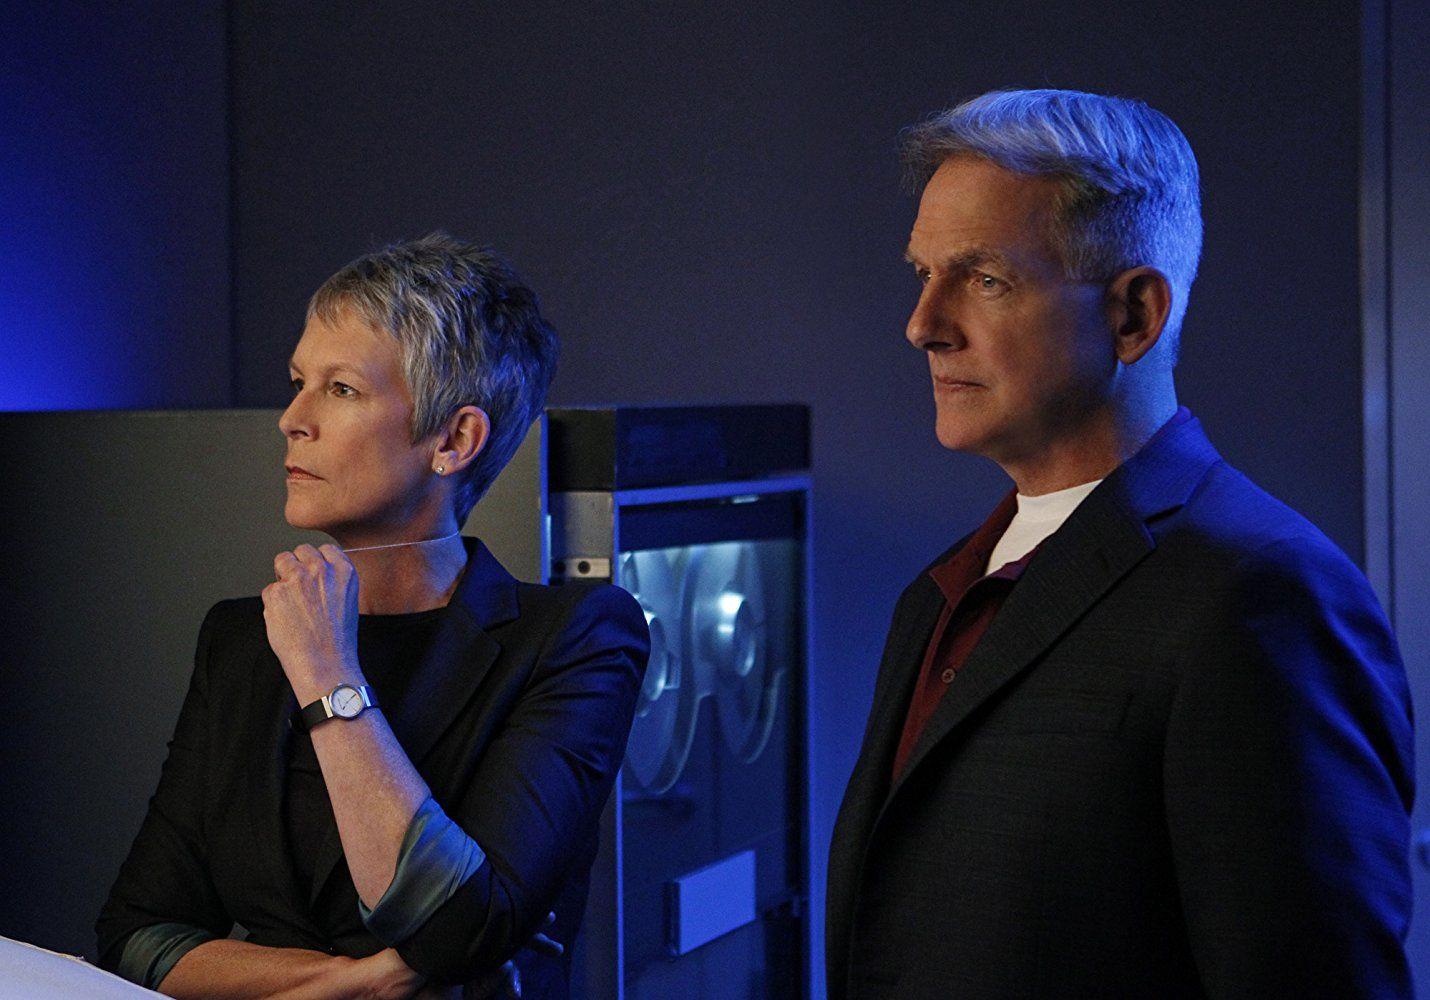 Jamie Lee Curtis and Mark Harmon on NCIS